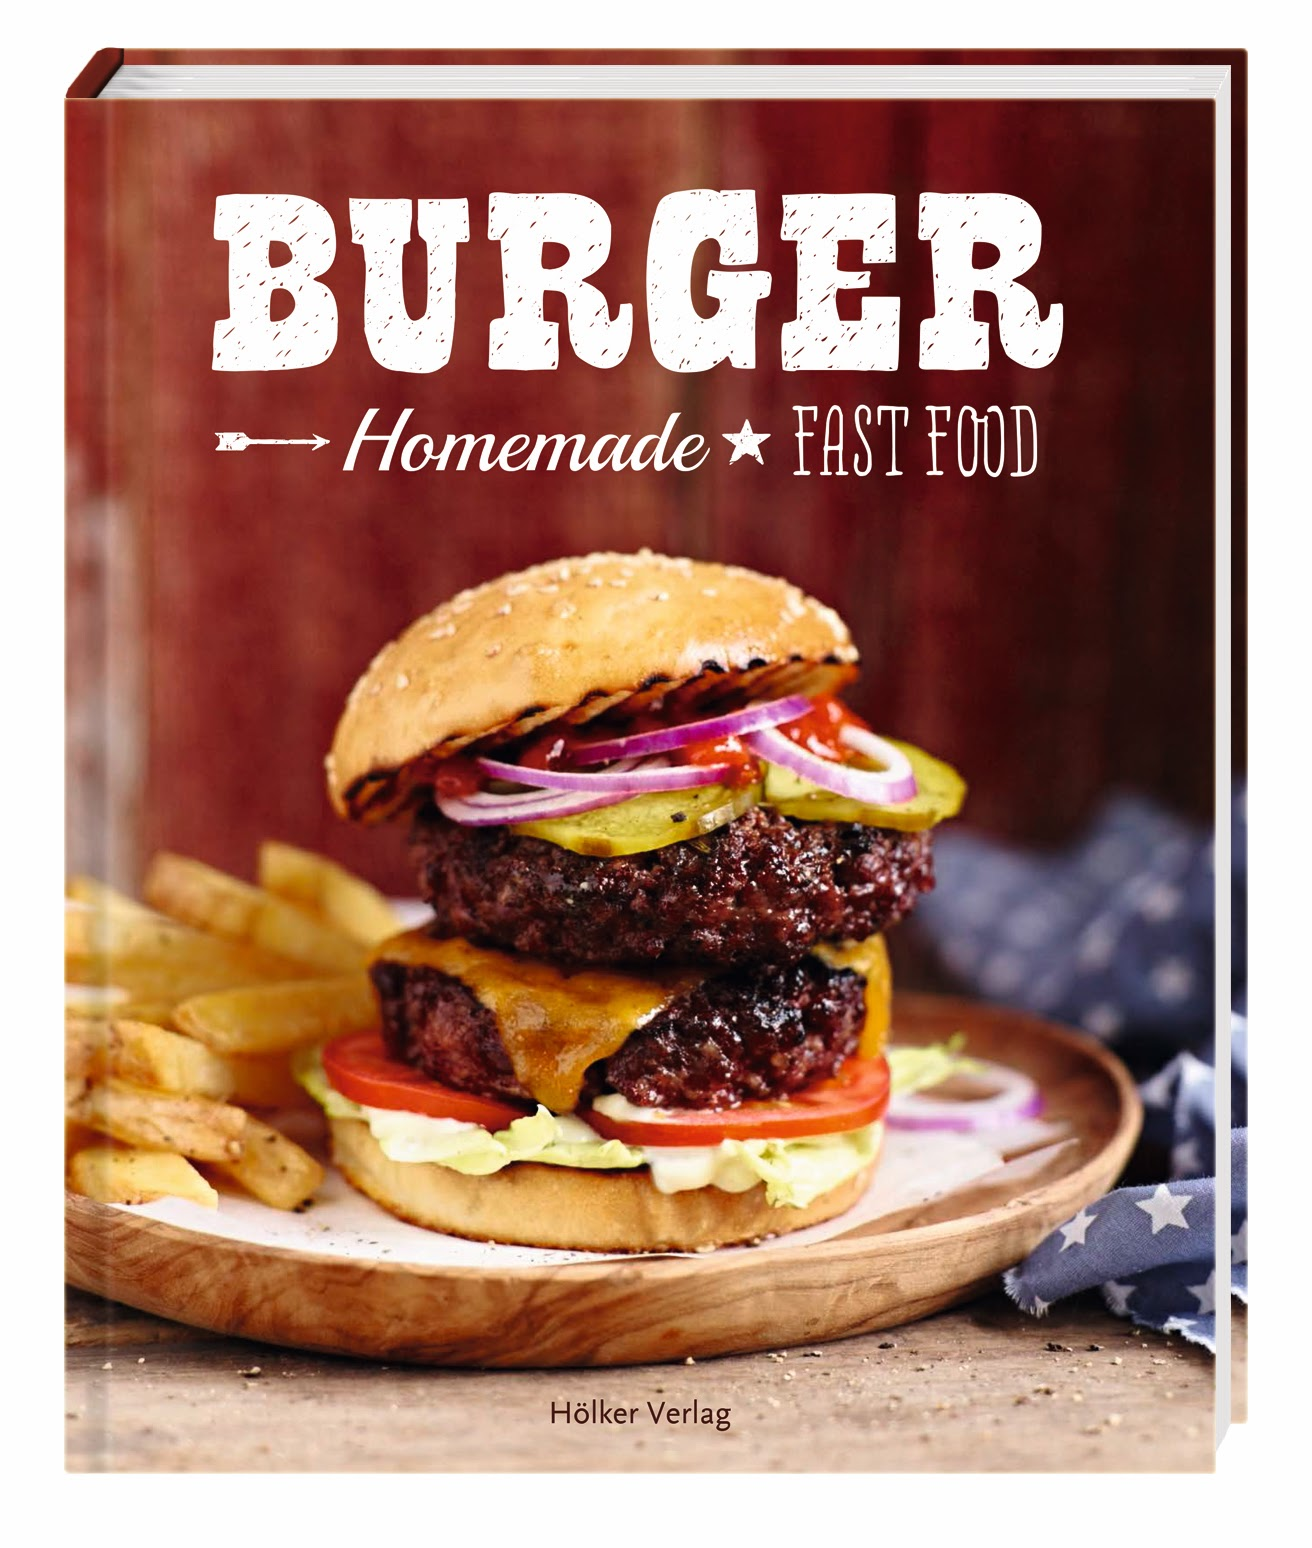 https://shop.coppenrath.de/produkt/333919/burger-homemade-fast-food/geschenke-buecher-fuer-erwachsene/buchwelt-erwachsene/kochbuecher-backbuecher/#page=2